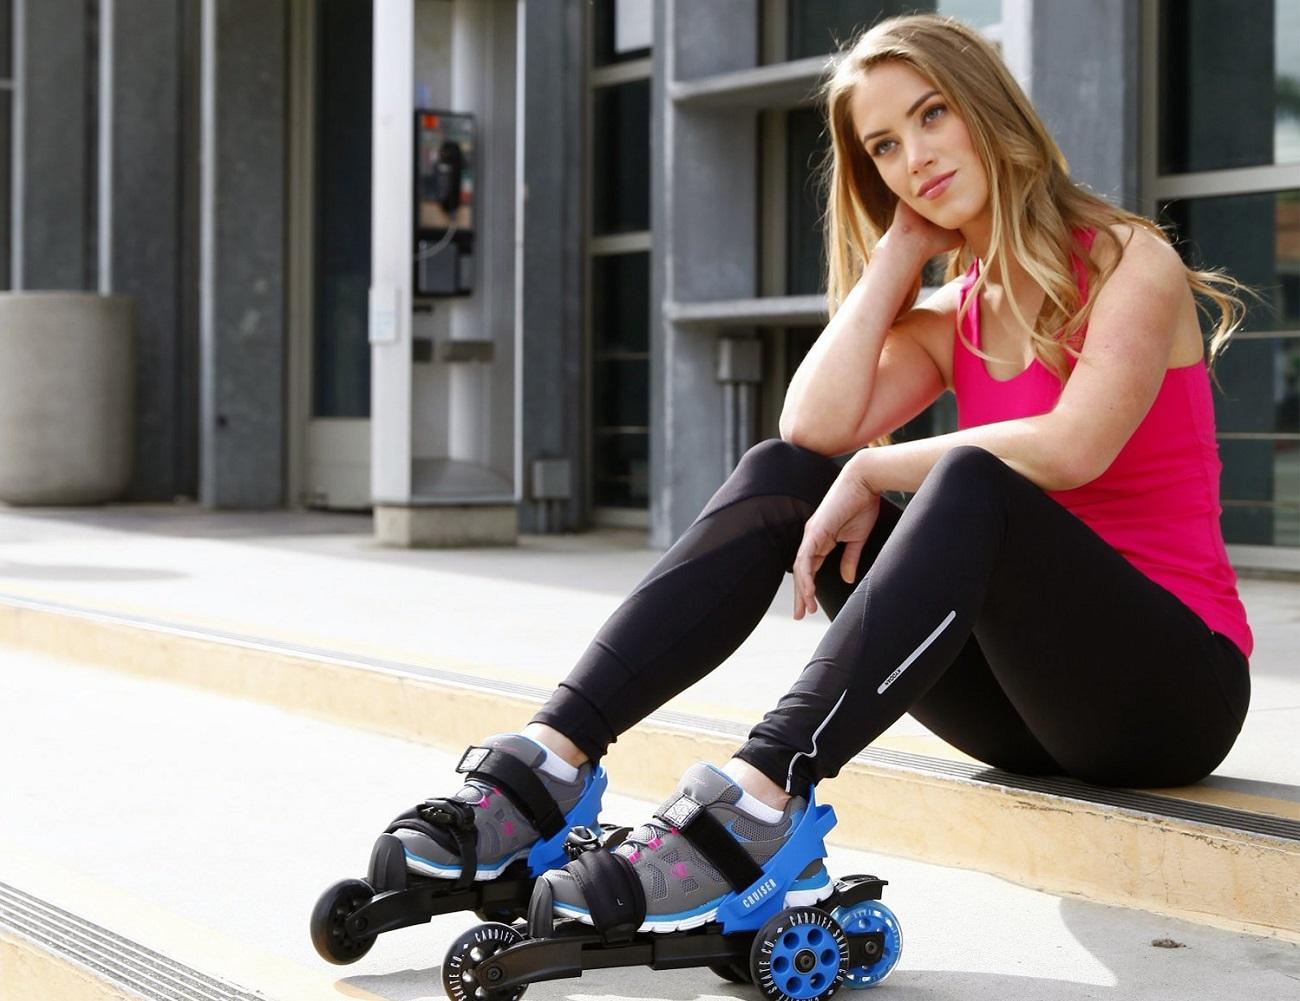 Cardiff Skates